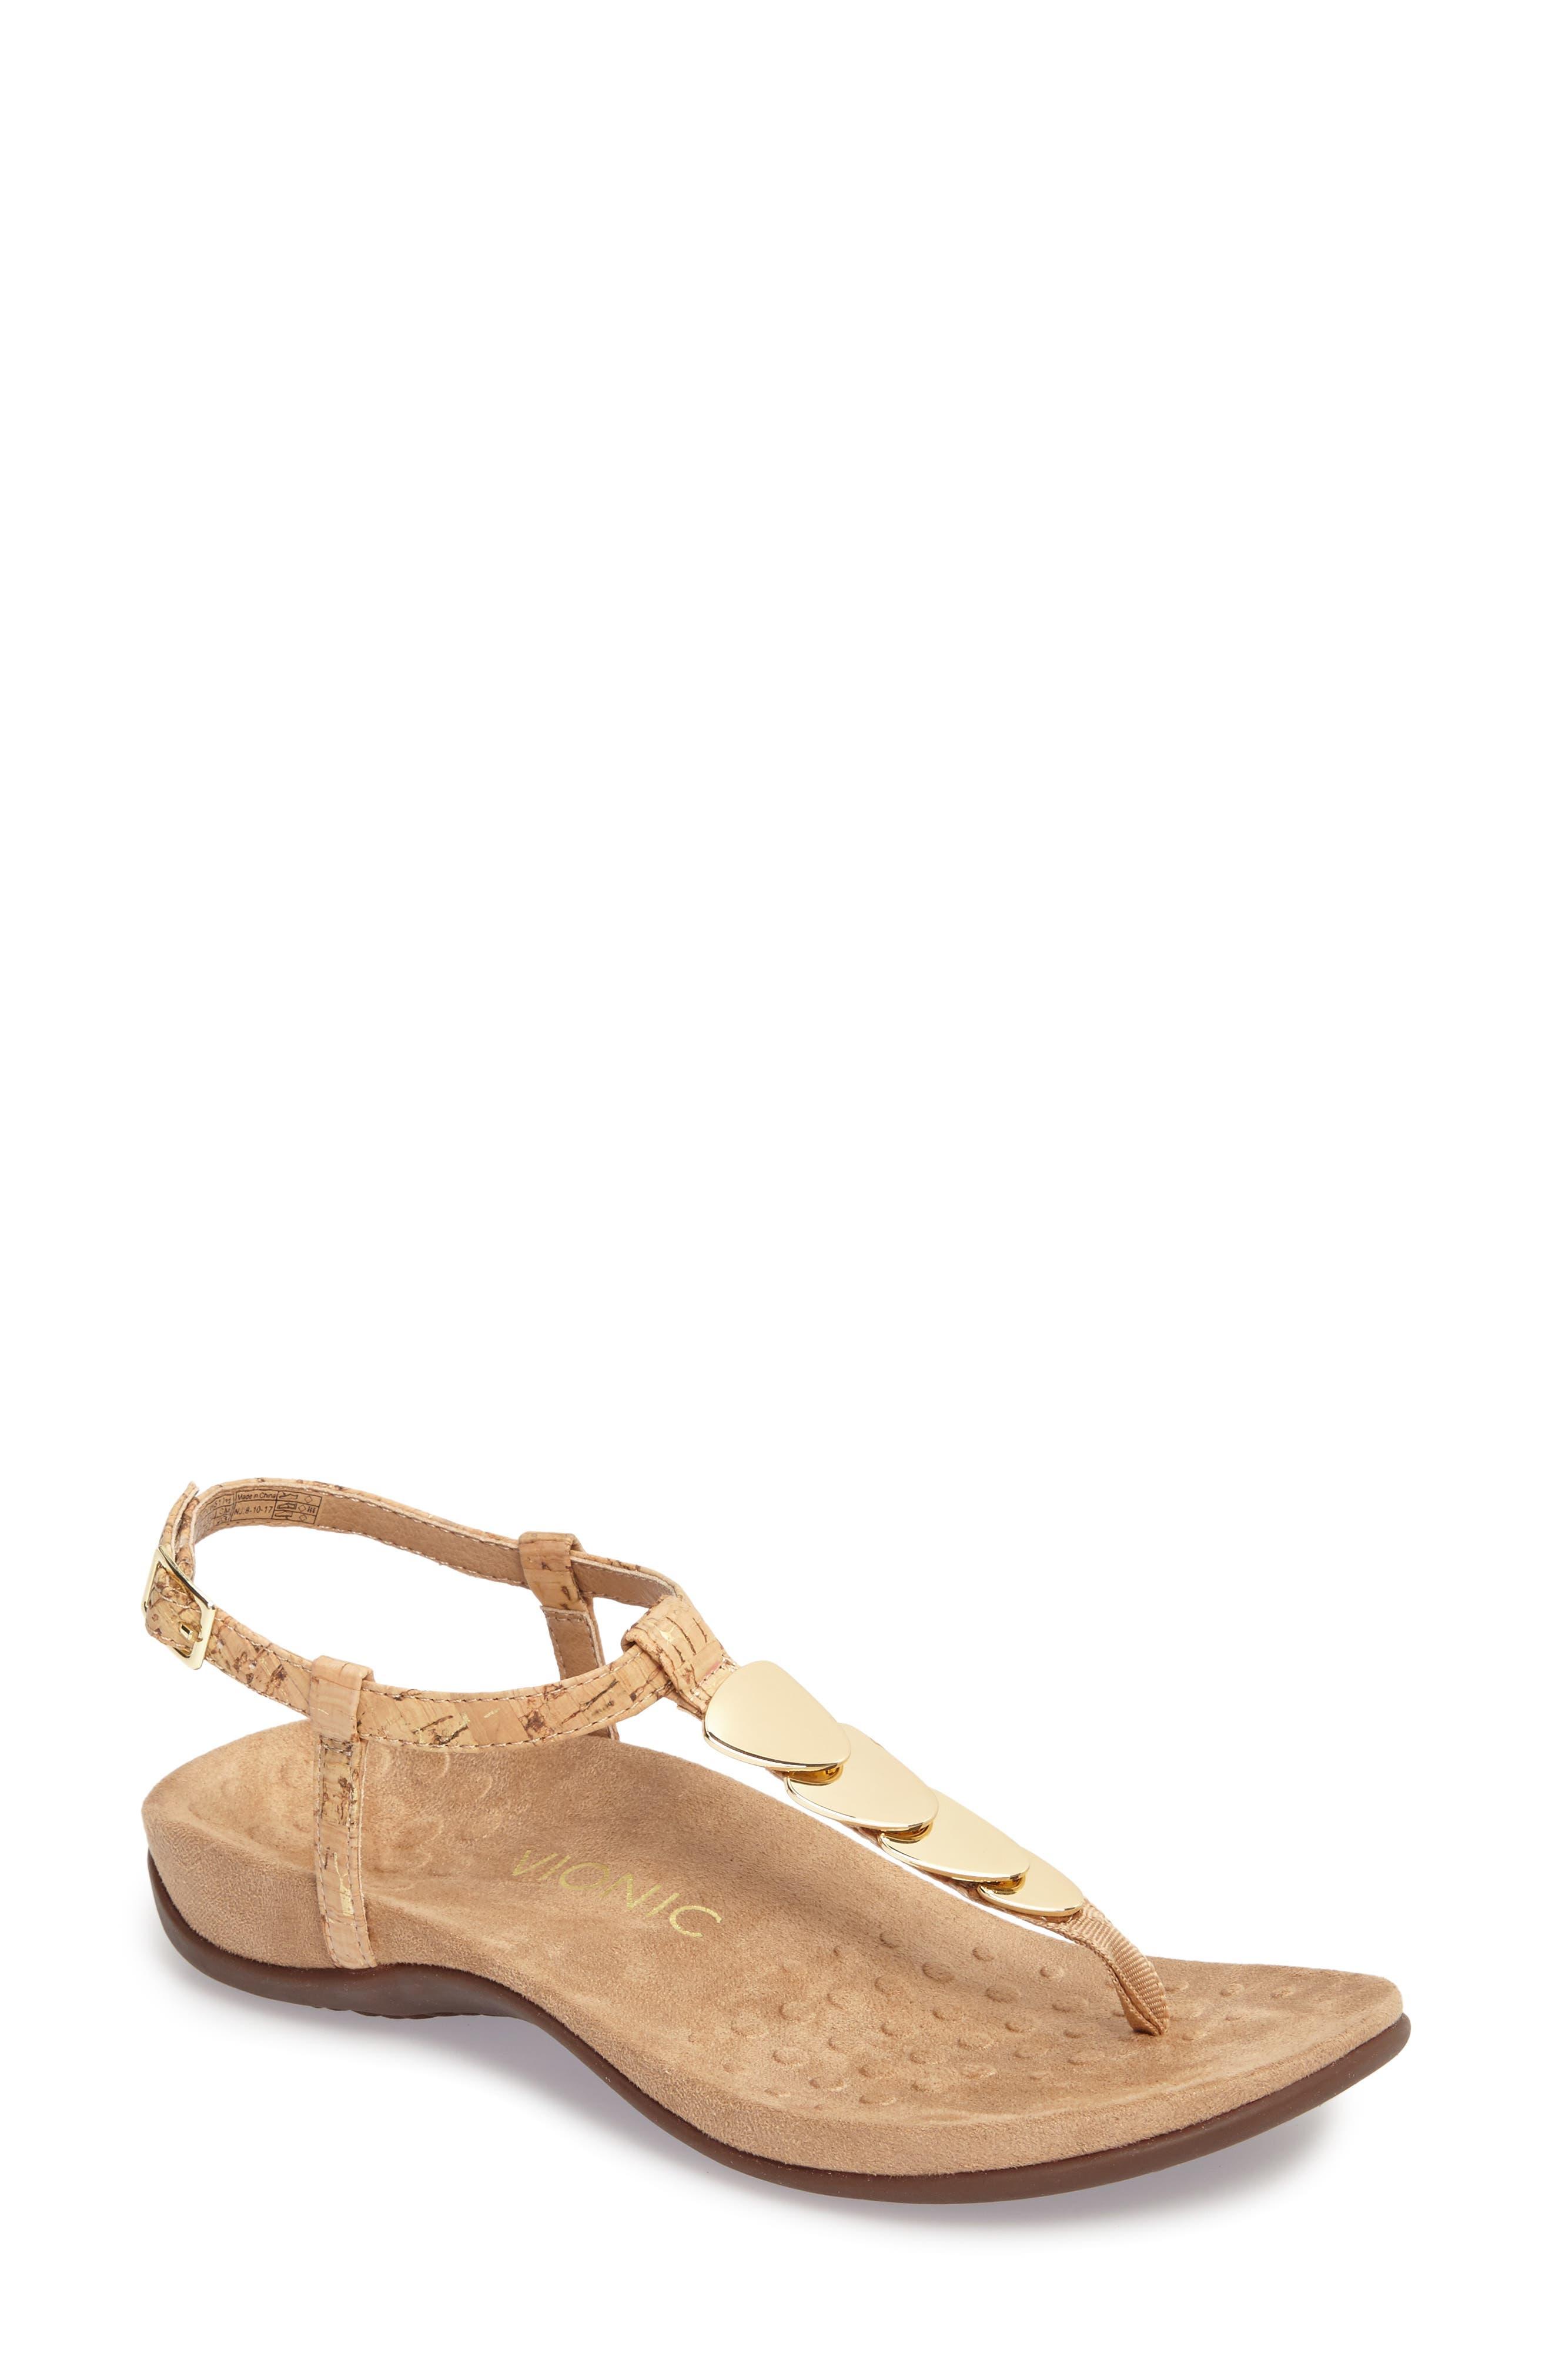 Miami T-Strap Sandal,                         Main,                         color, Natural Cork Fabric